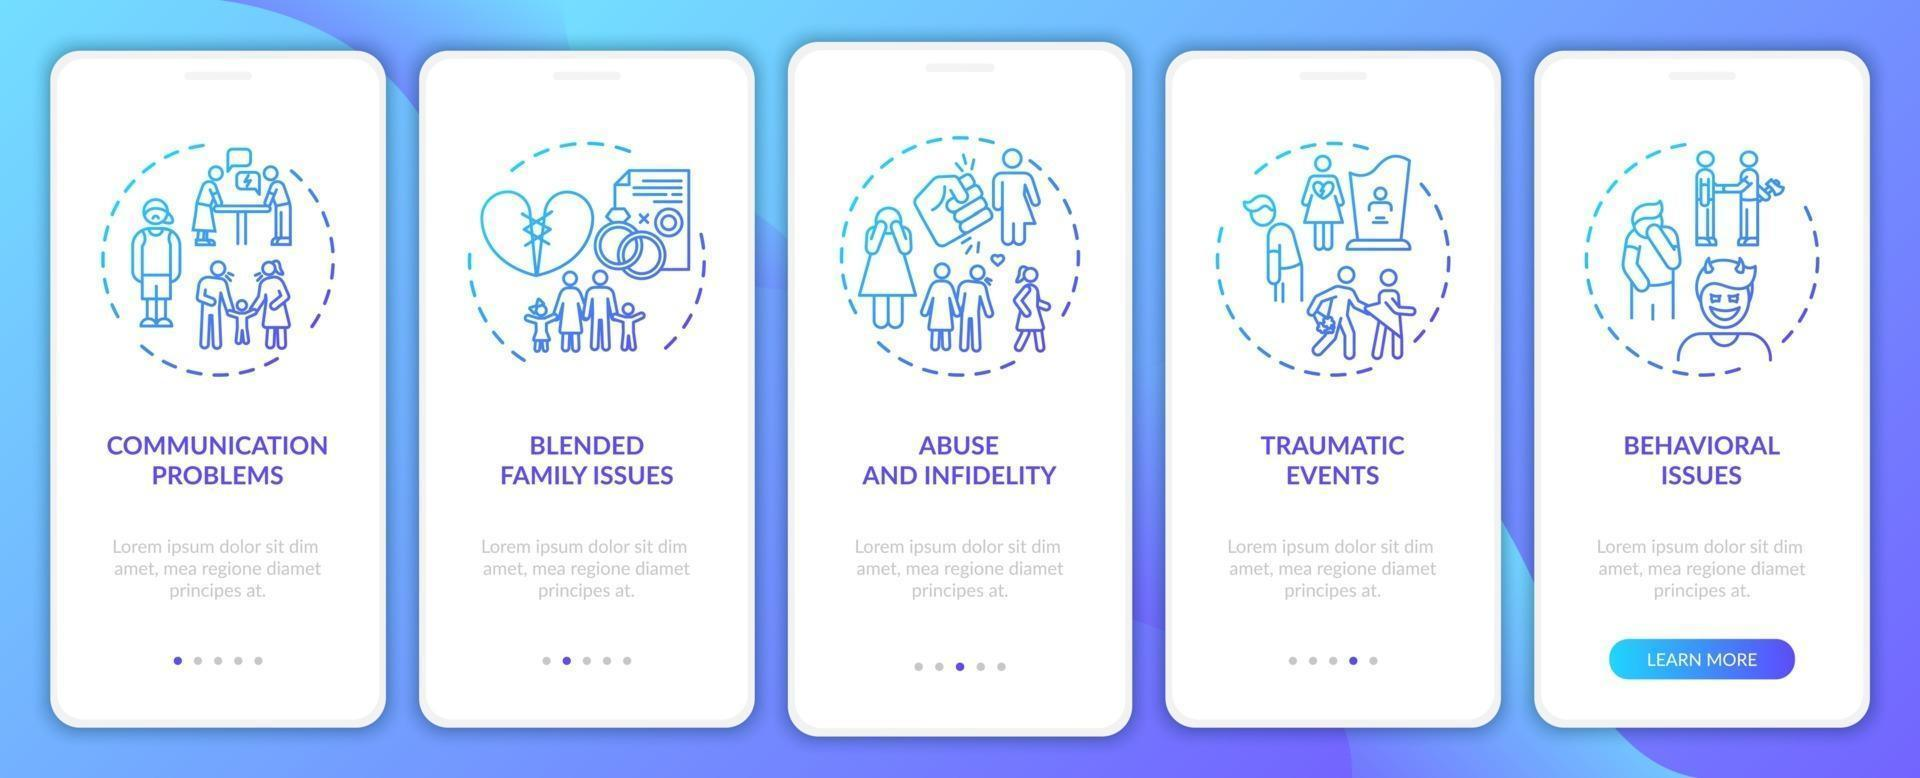 Tipos de terapia familiar en línea incorporación de la pantalla de la página de la aplicación móvil con conceptos vector